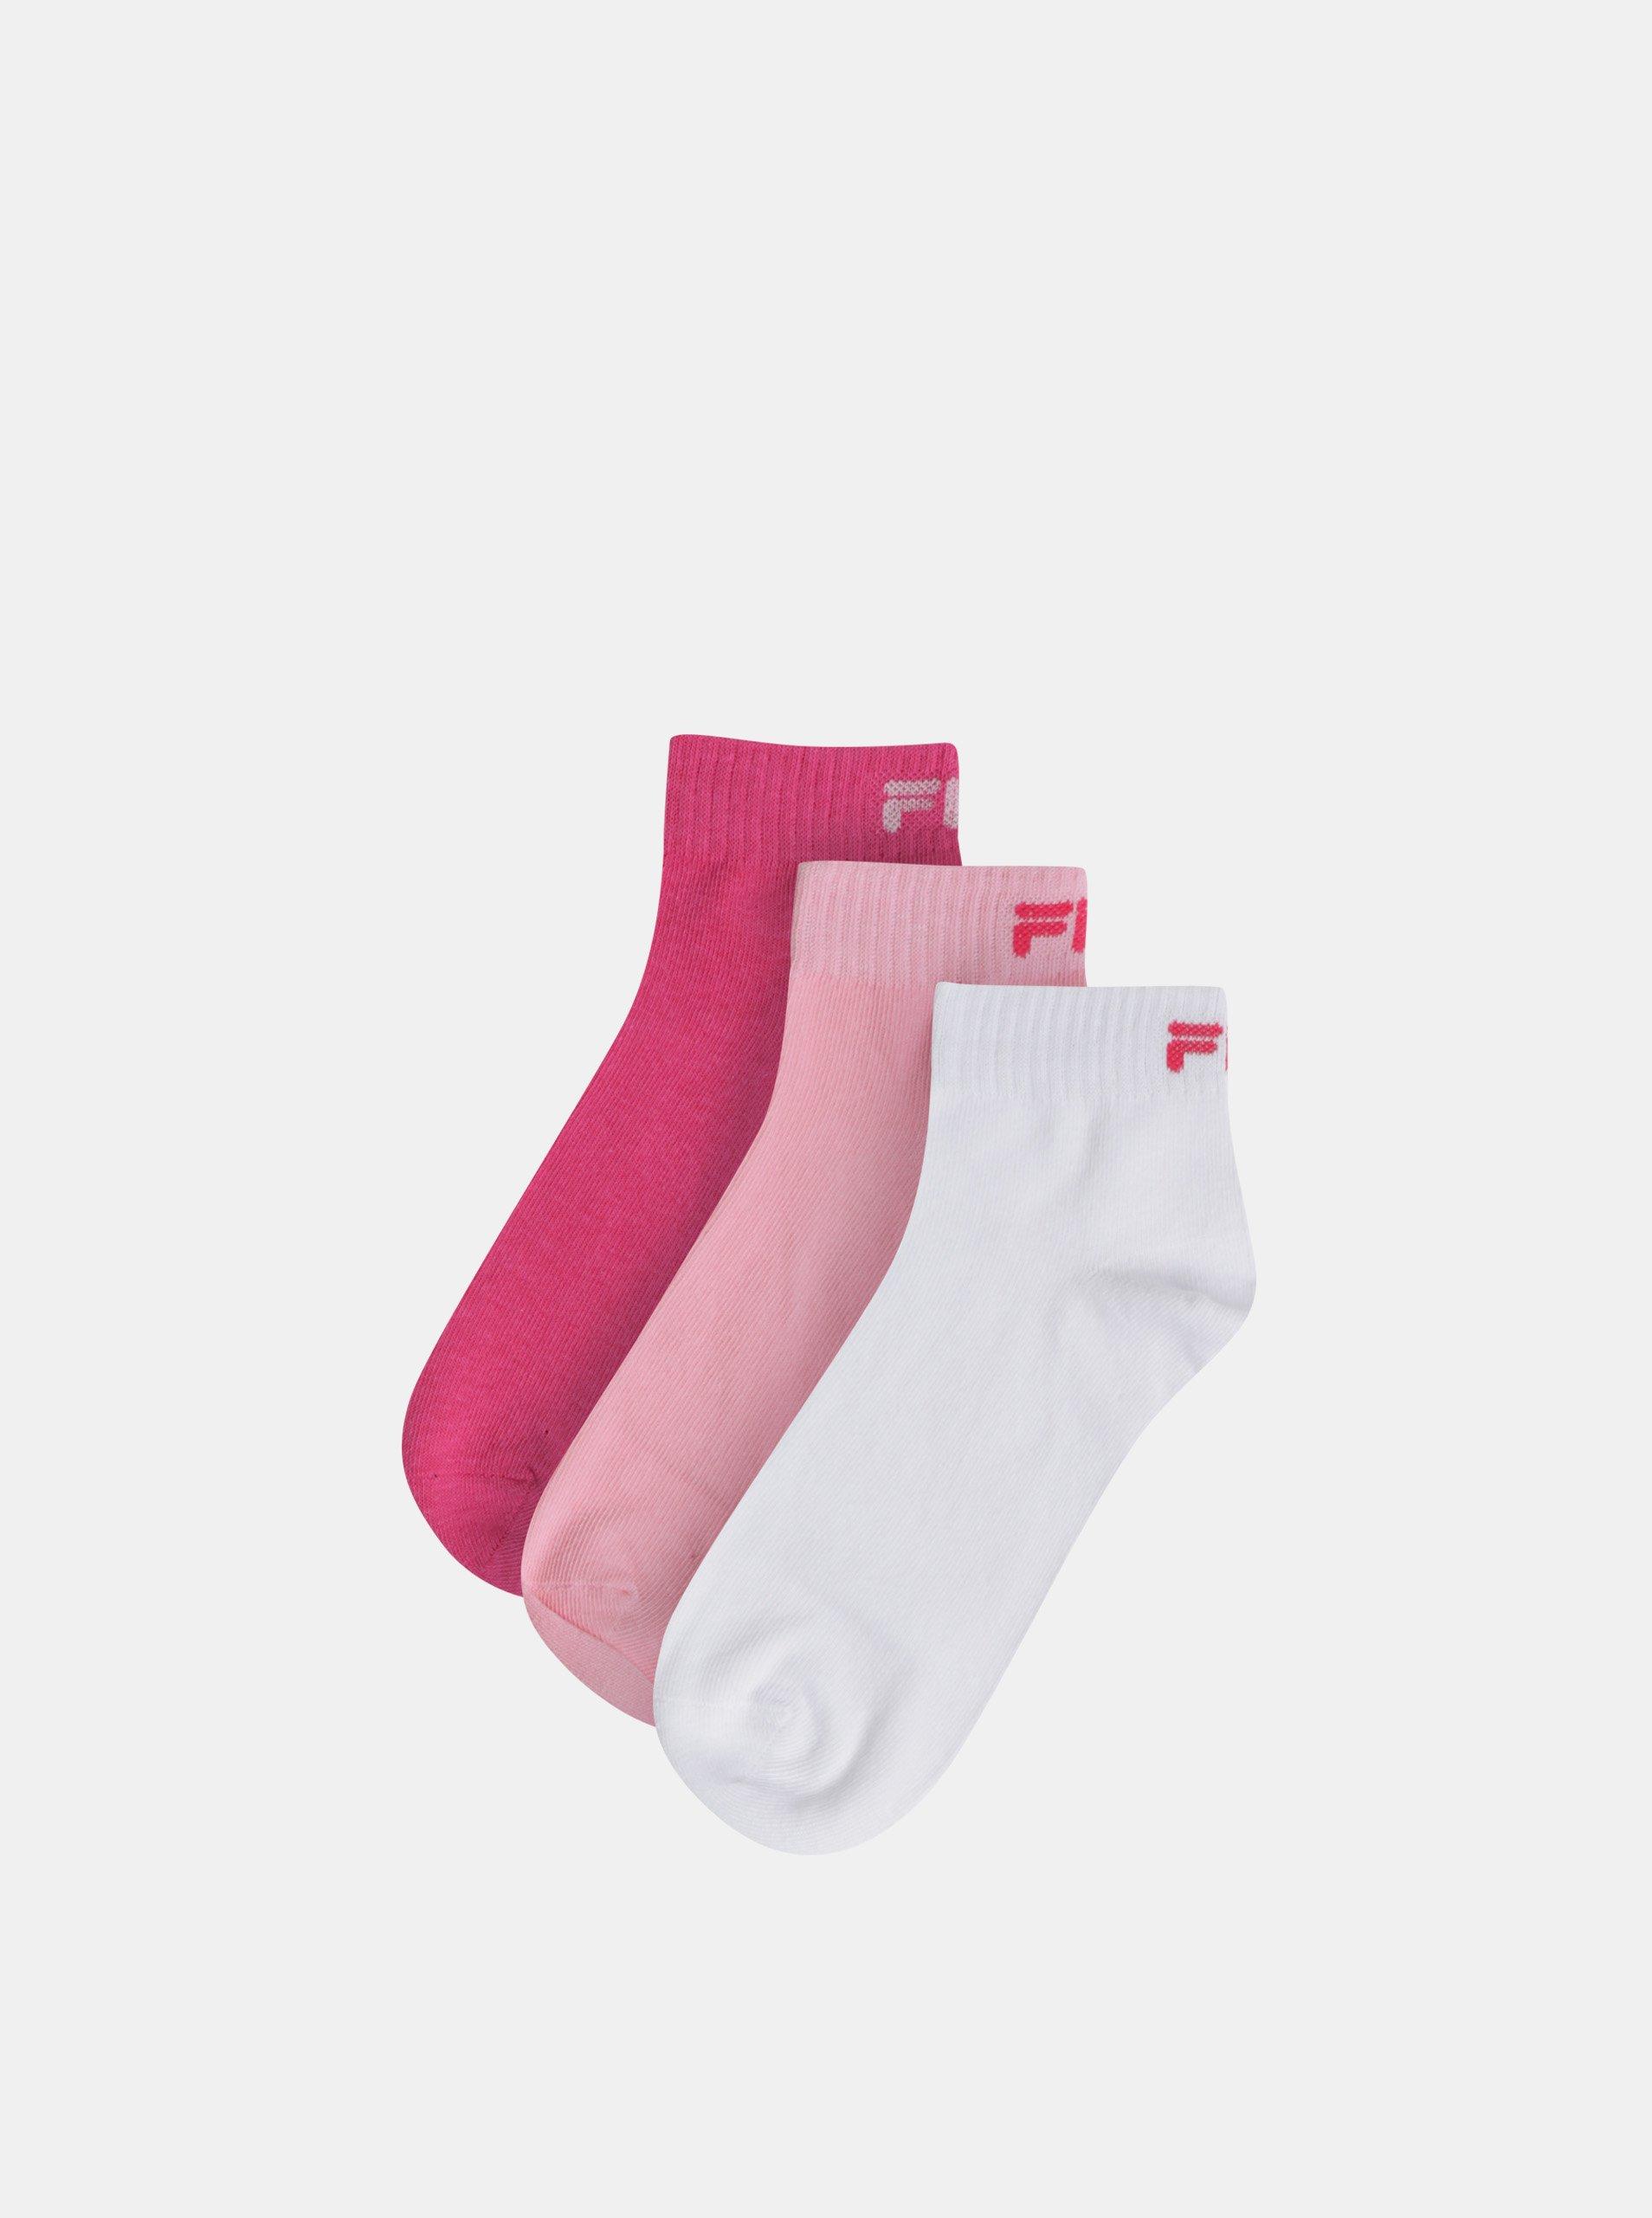 Fotografie Sada tří párů dámských kotníkových ponožek v růžové a bílé barvě FILA